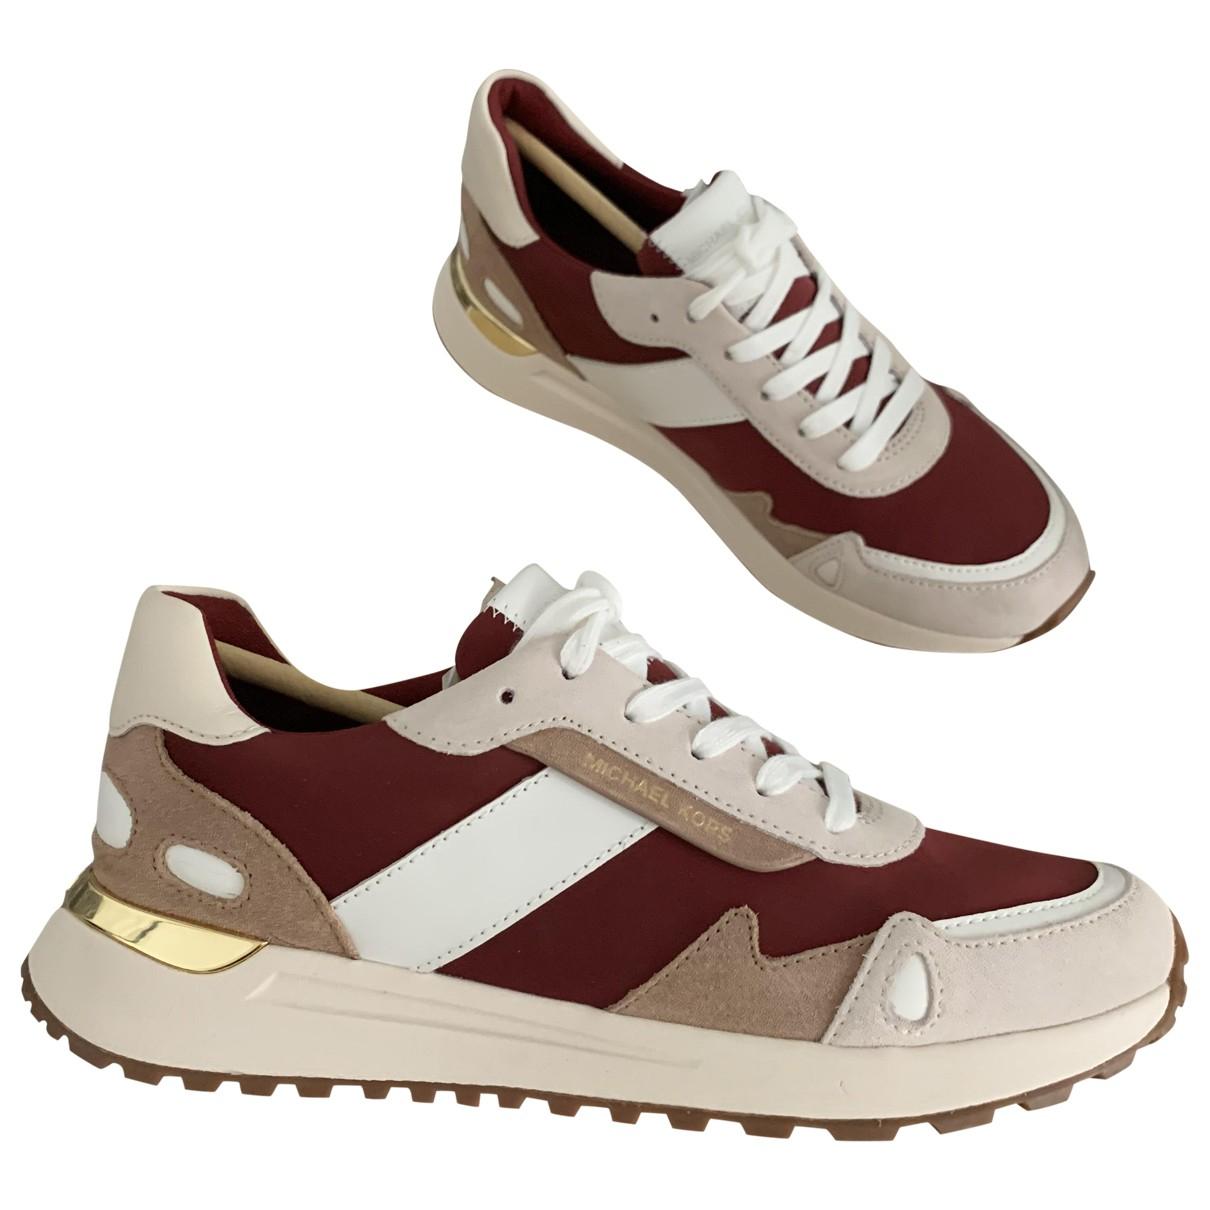 Michael Kors \N Sneakers in  Bordeauxrot Leder